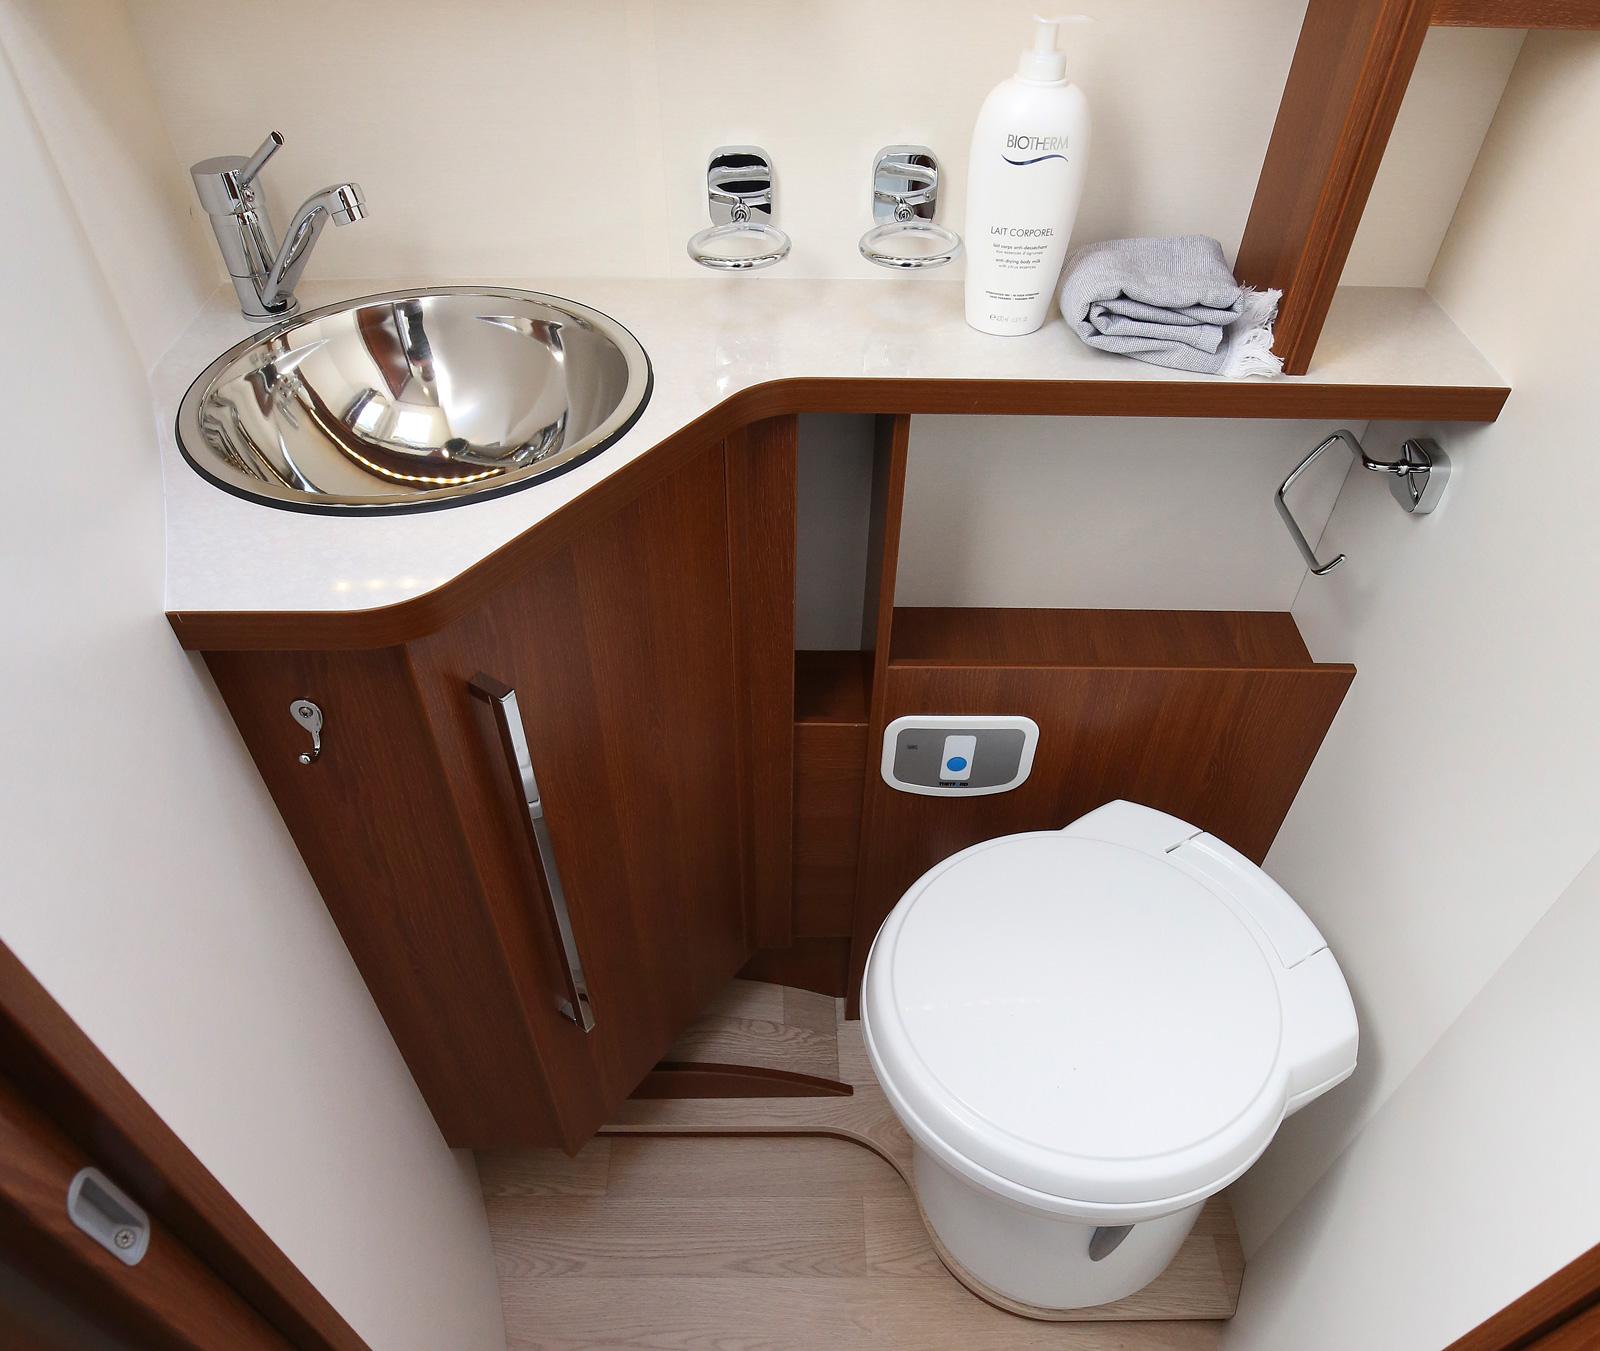 Badrummet och dess inredning ger ett elegant intryck.